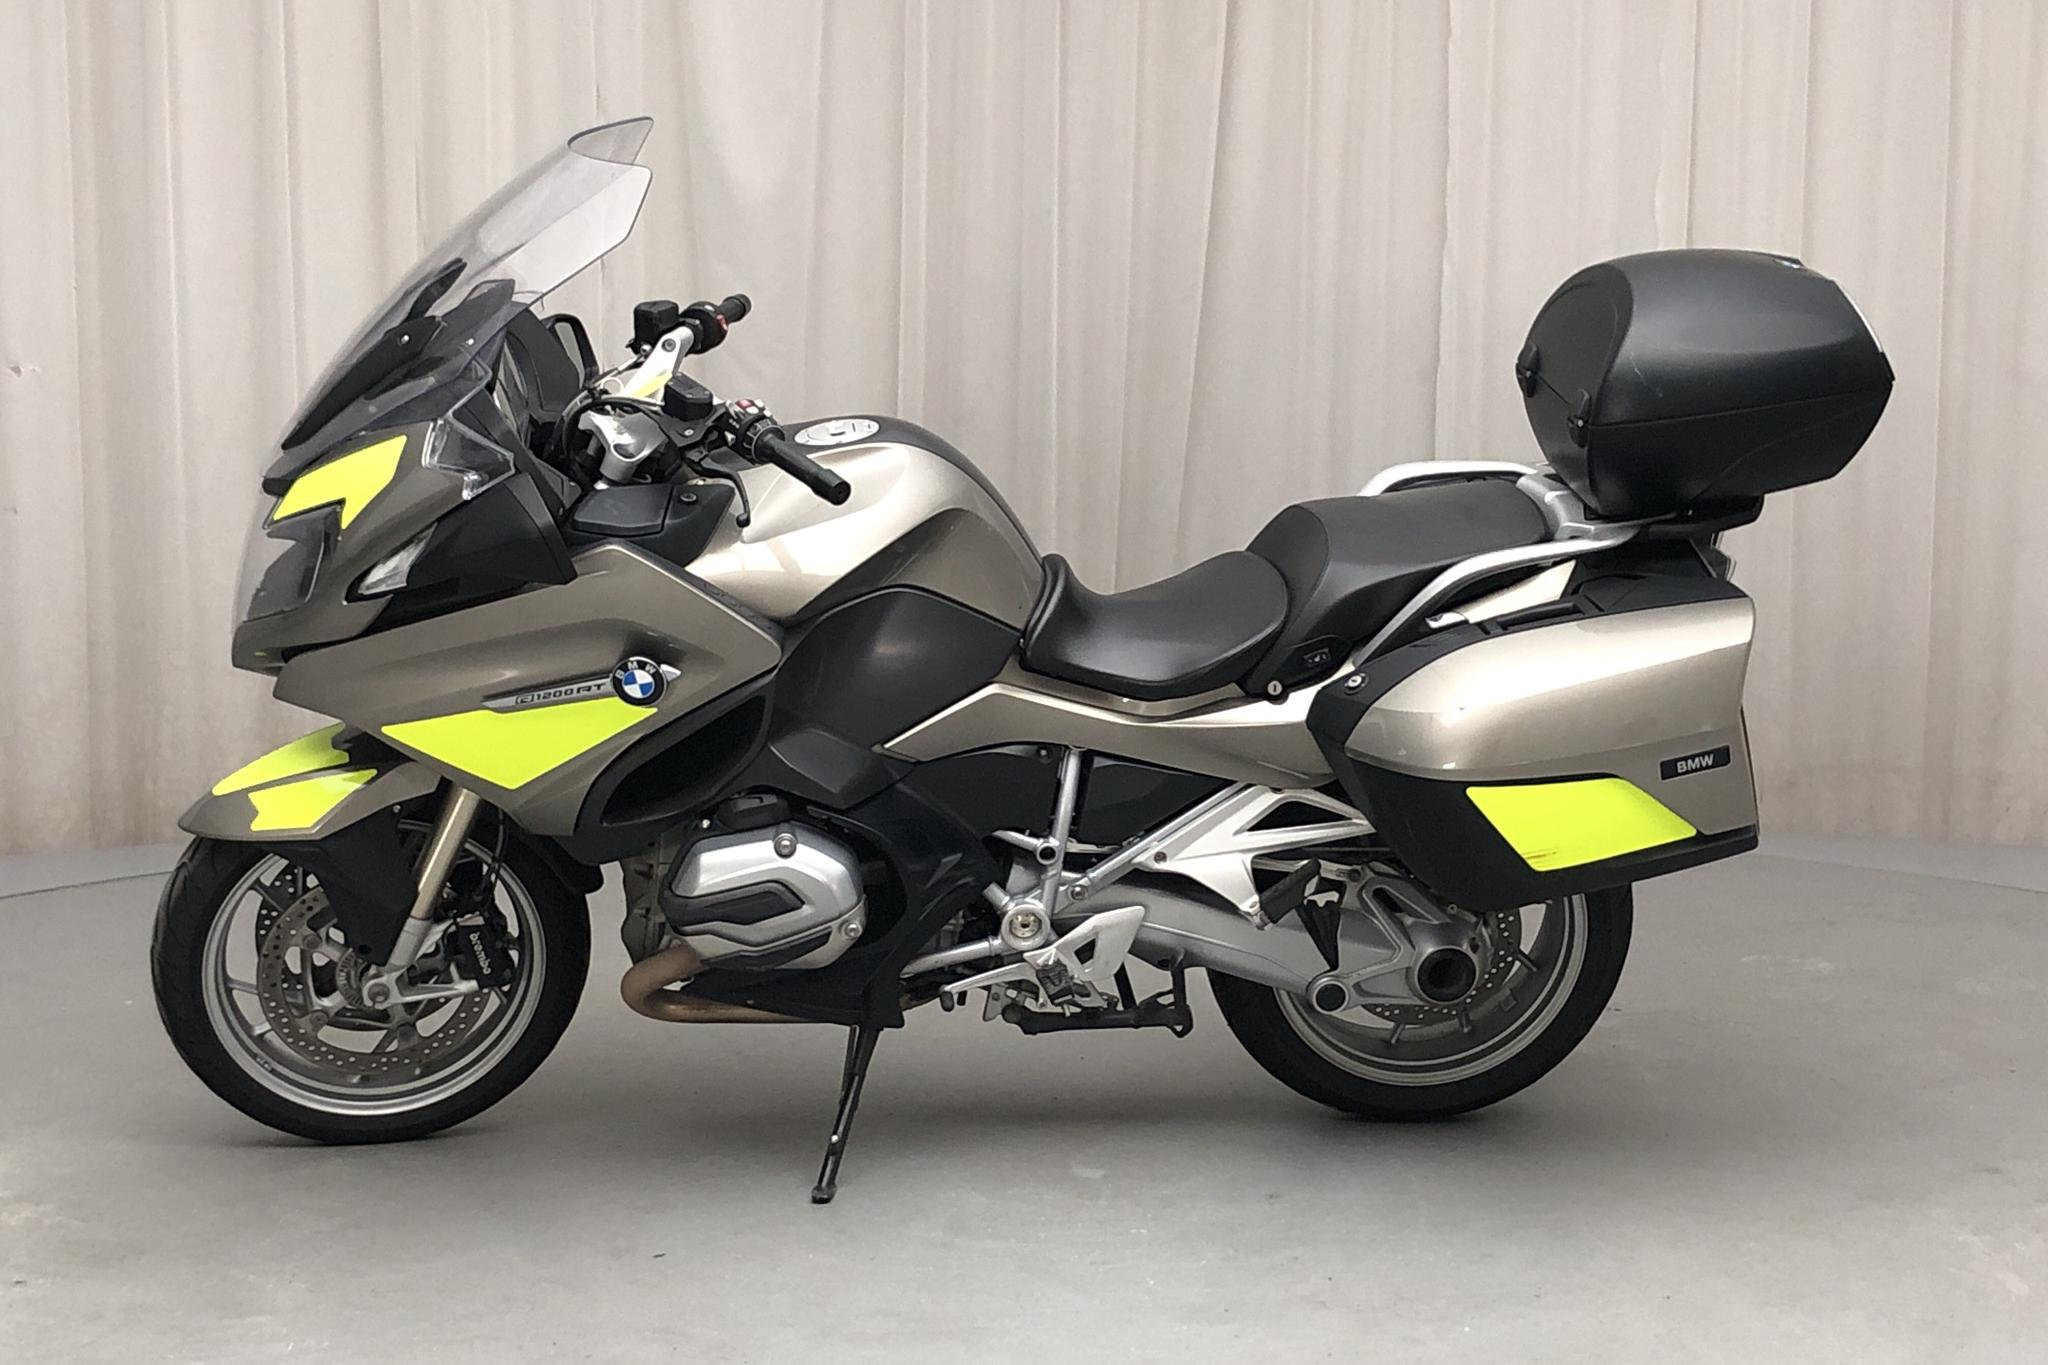 BMW R 1200 RT Motorcykel - 43 910 km - Manual - brown - 2016